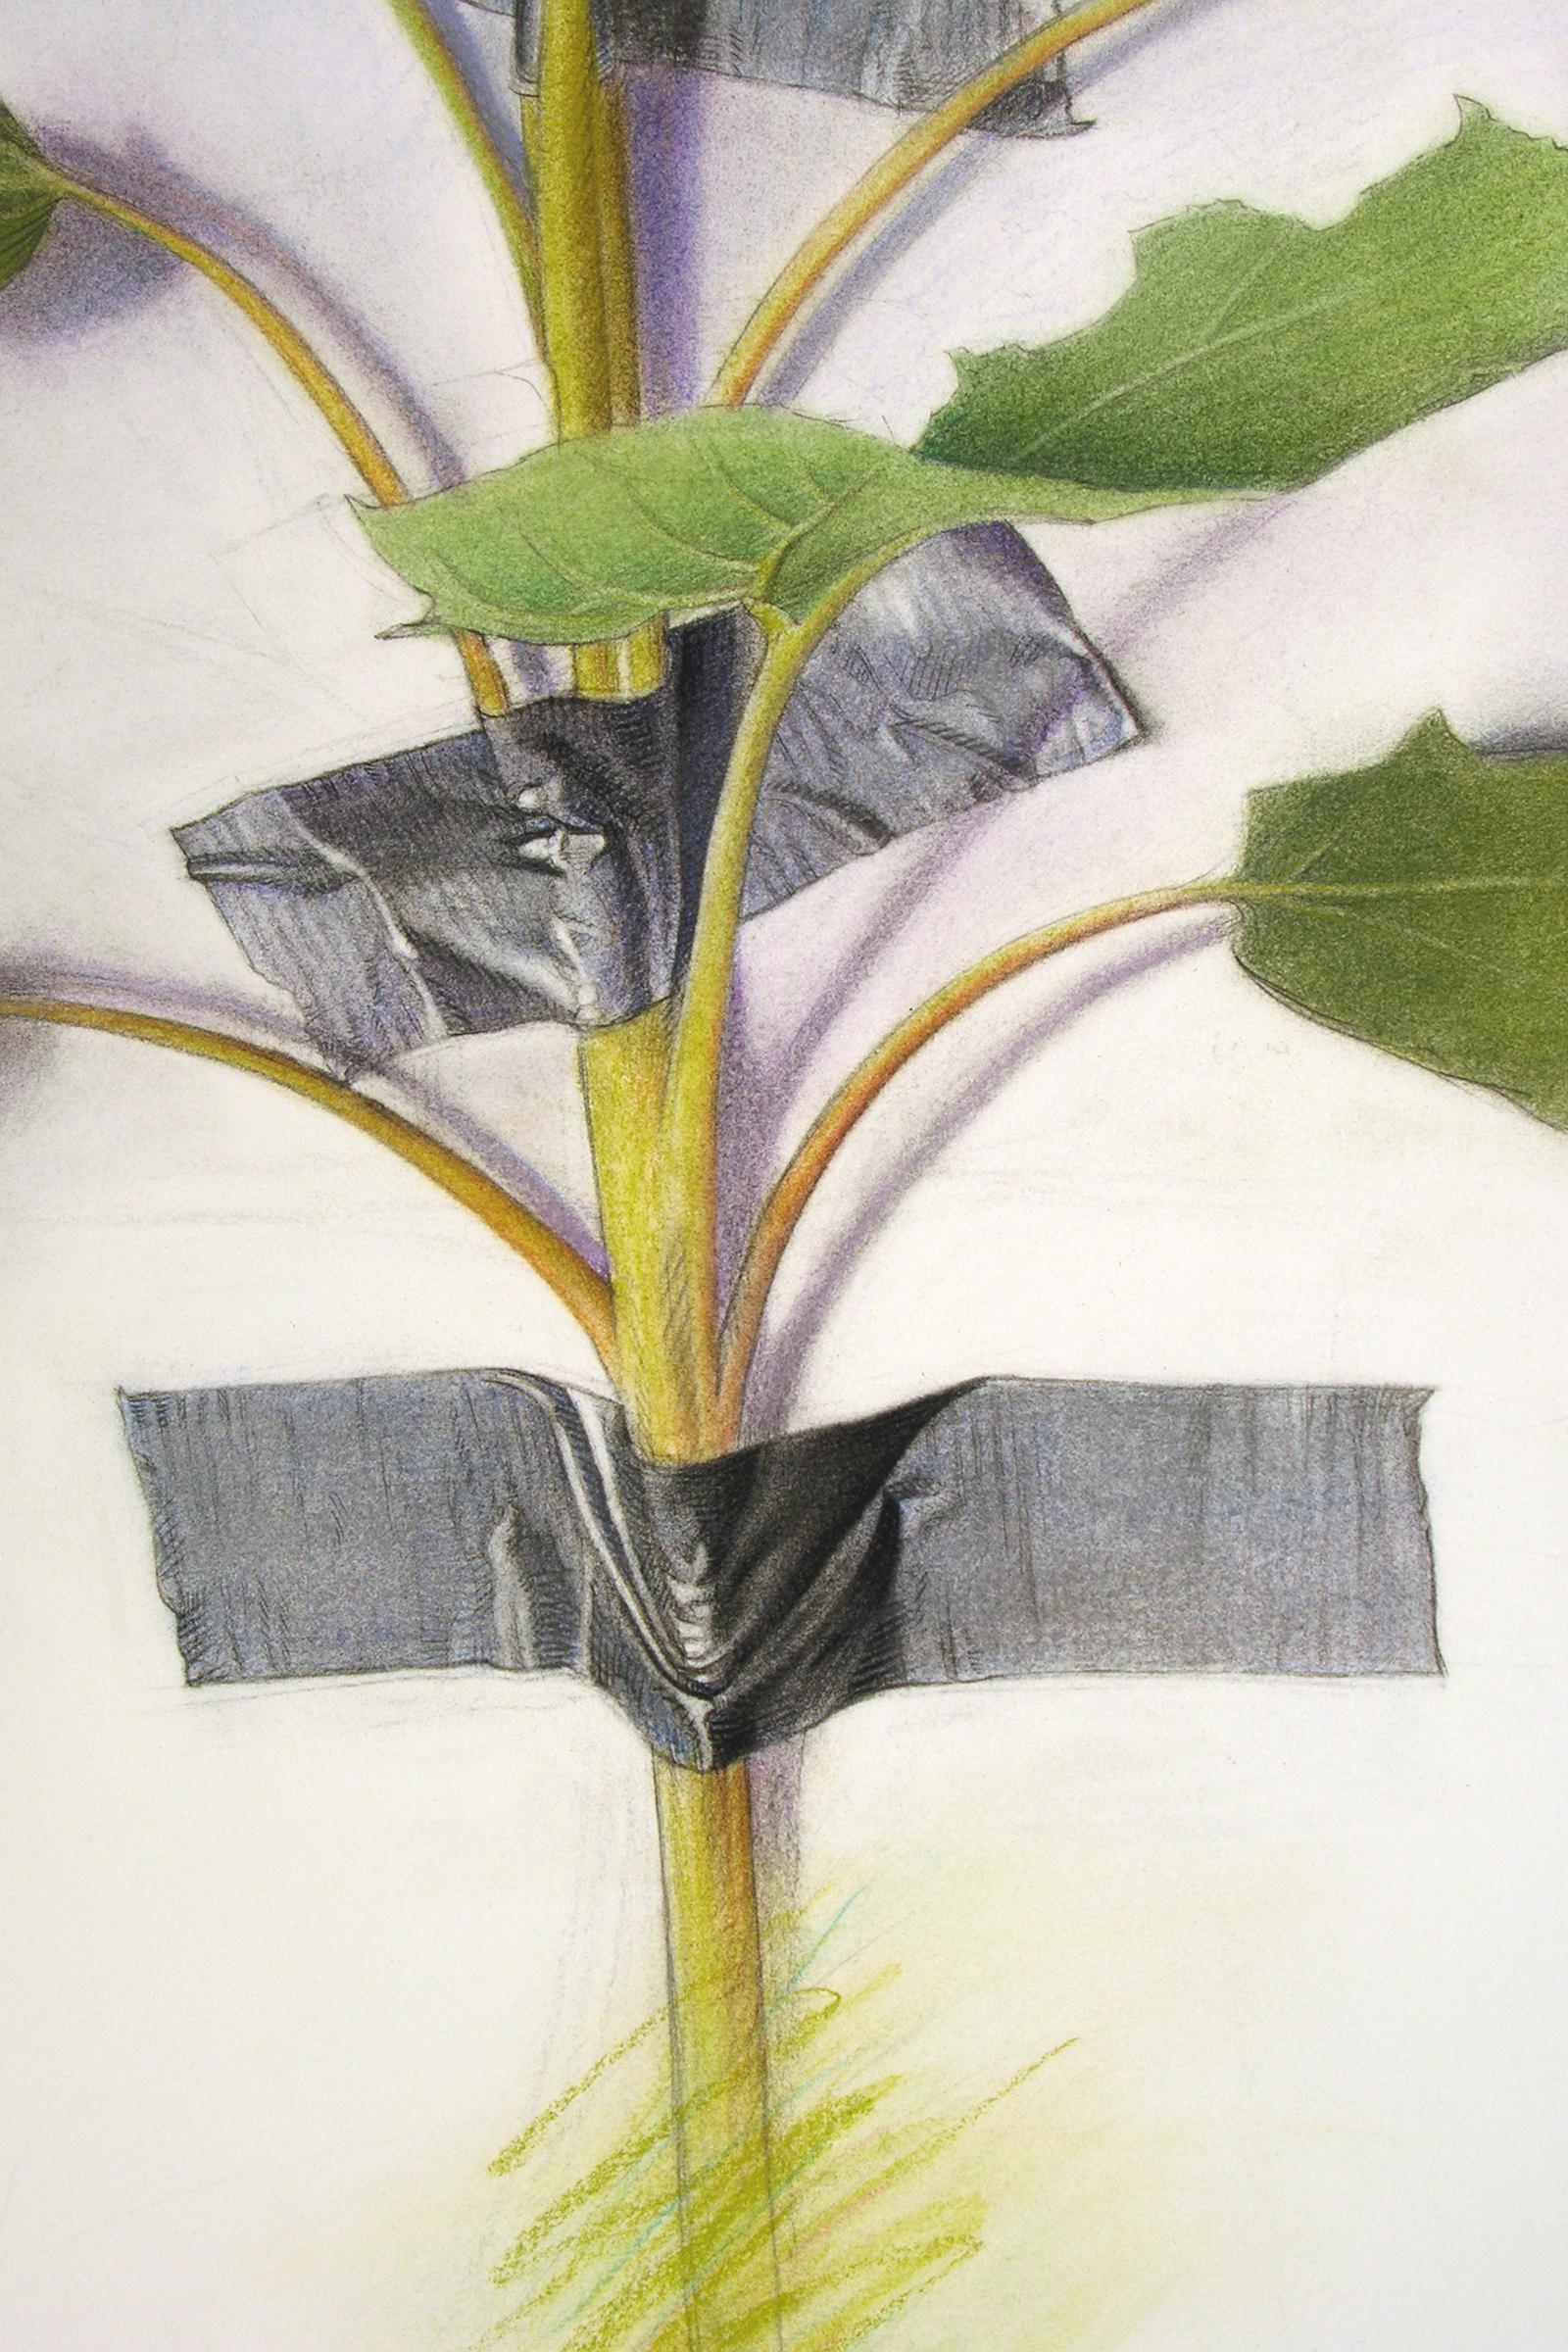 Wallflower I, detail